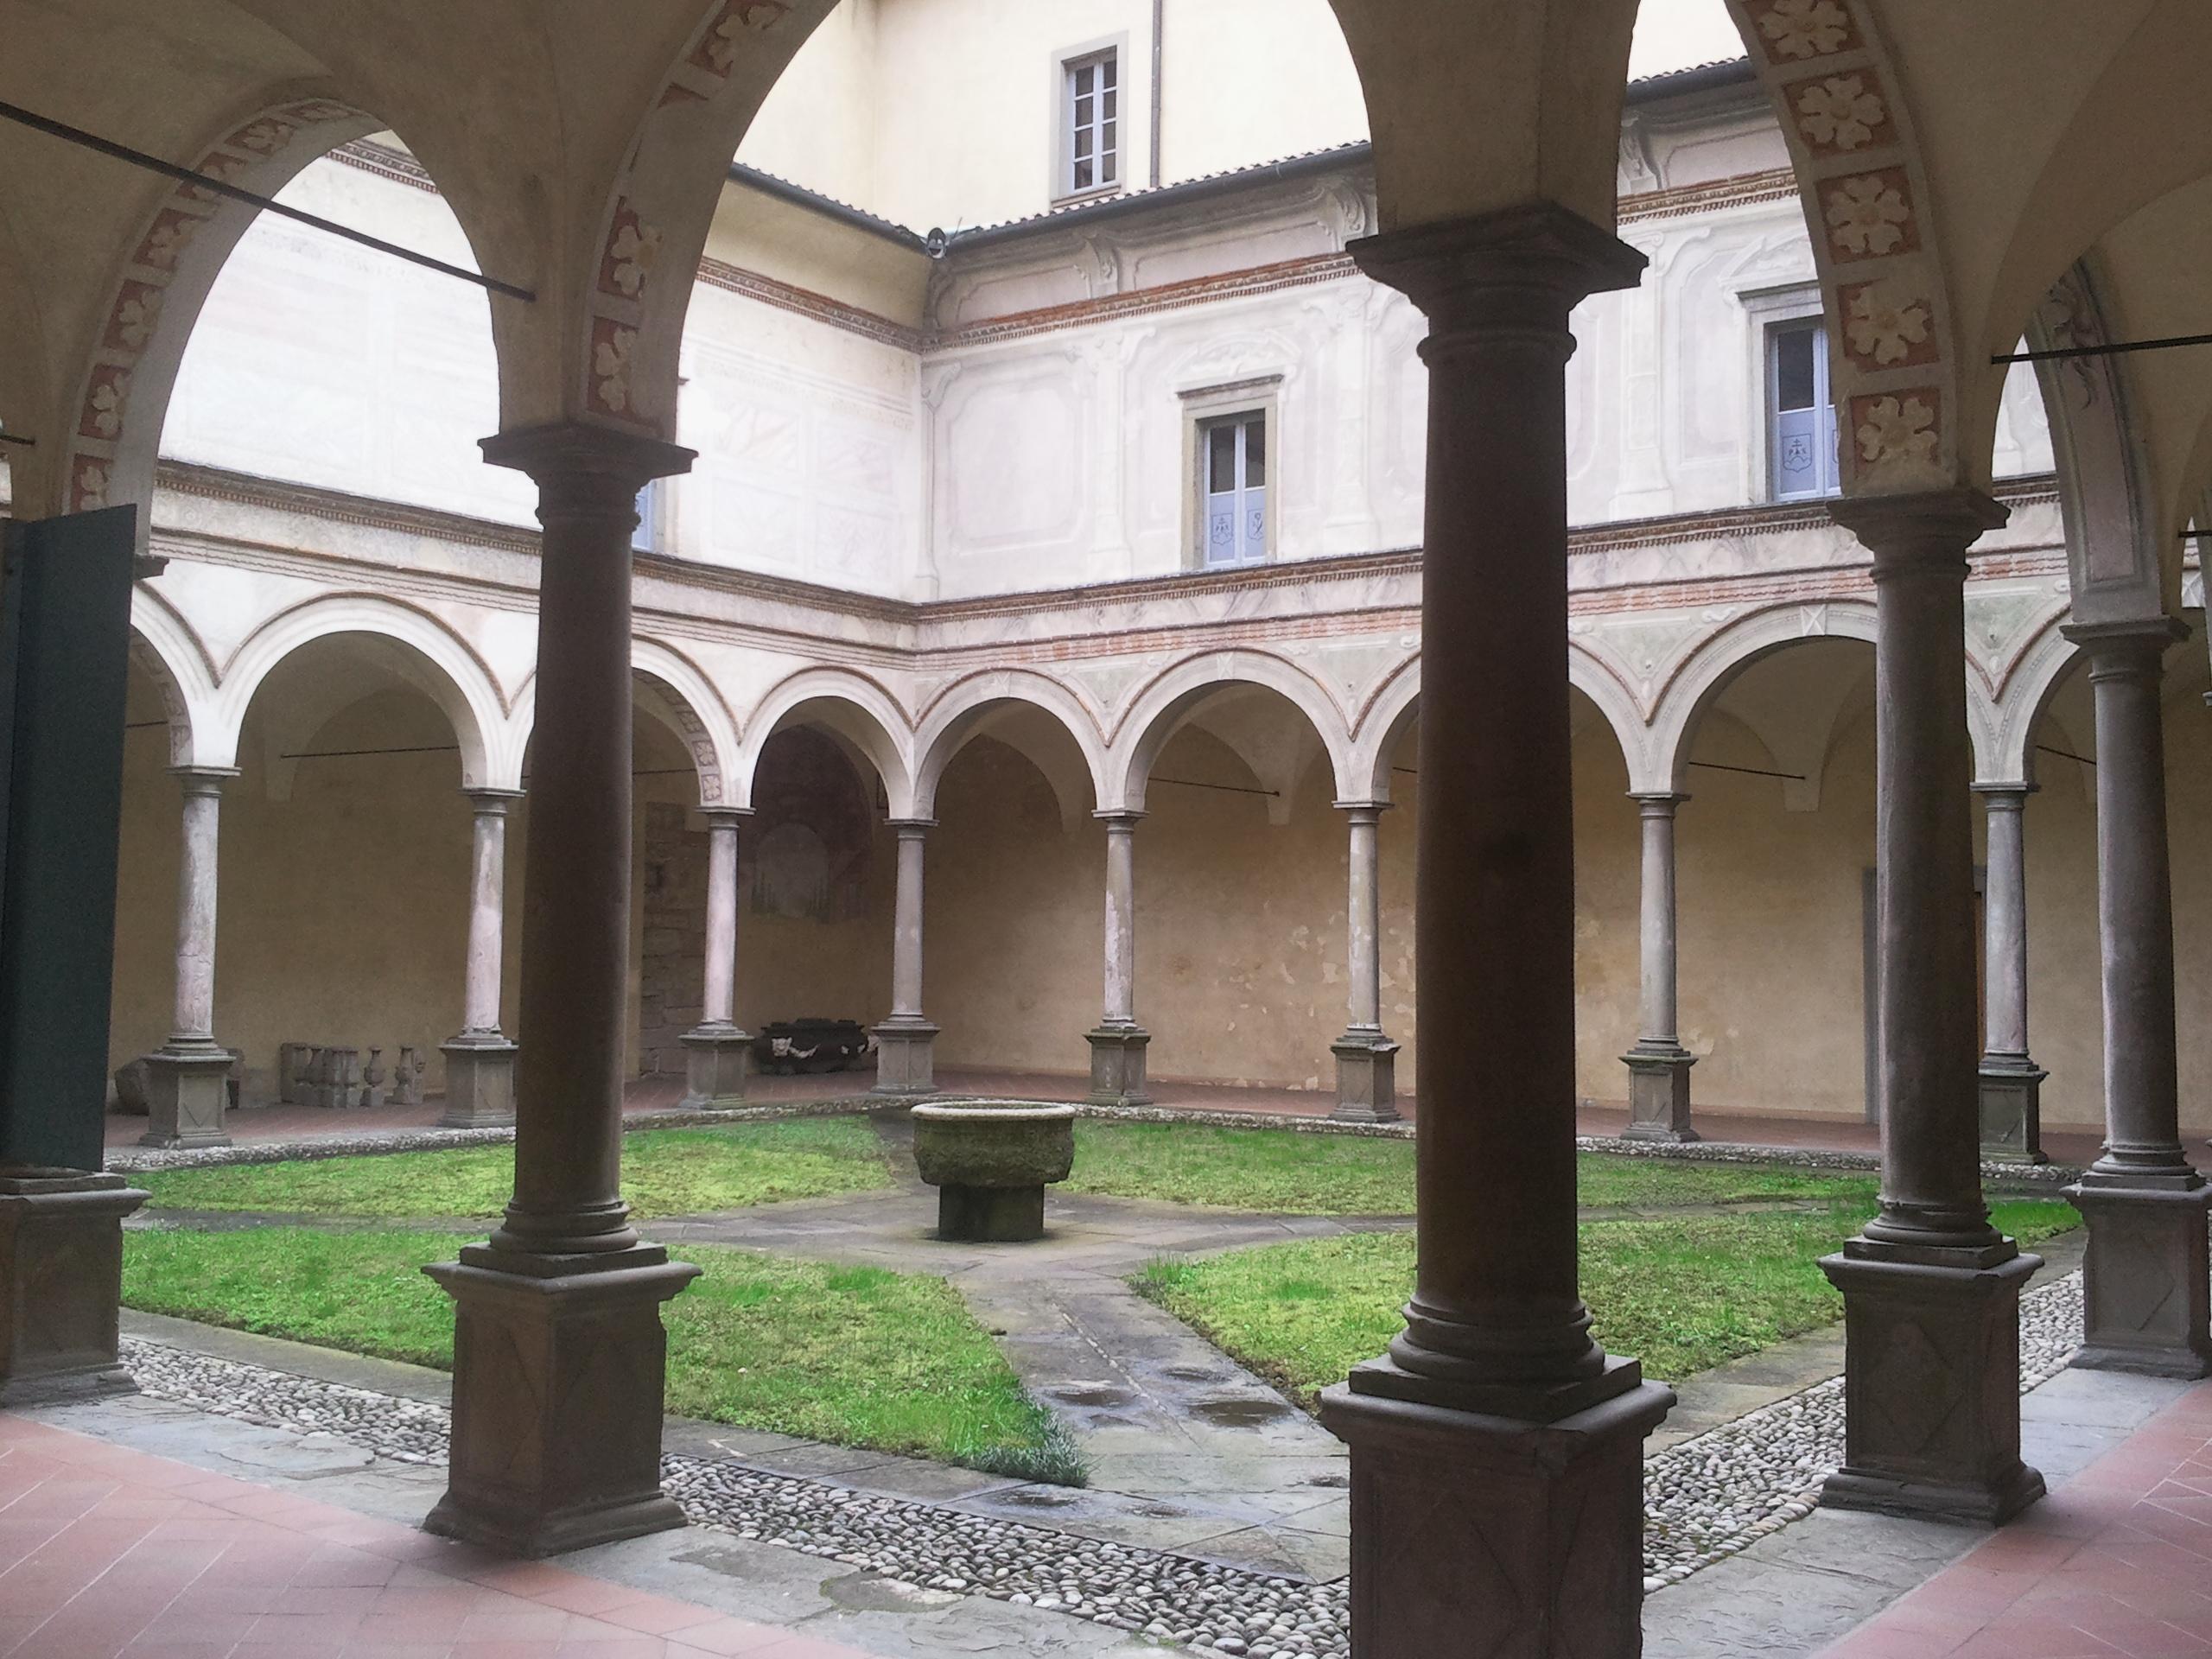 Filegiardino Interno Con Colonnato, Abbazia Di Pontida